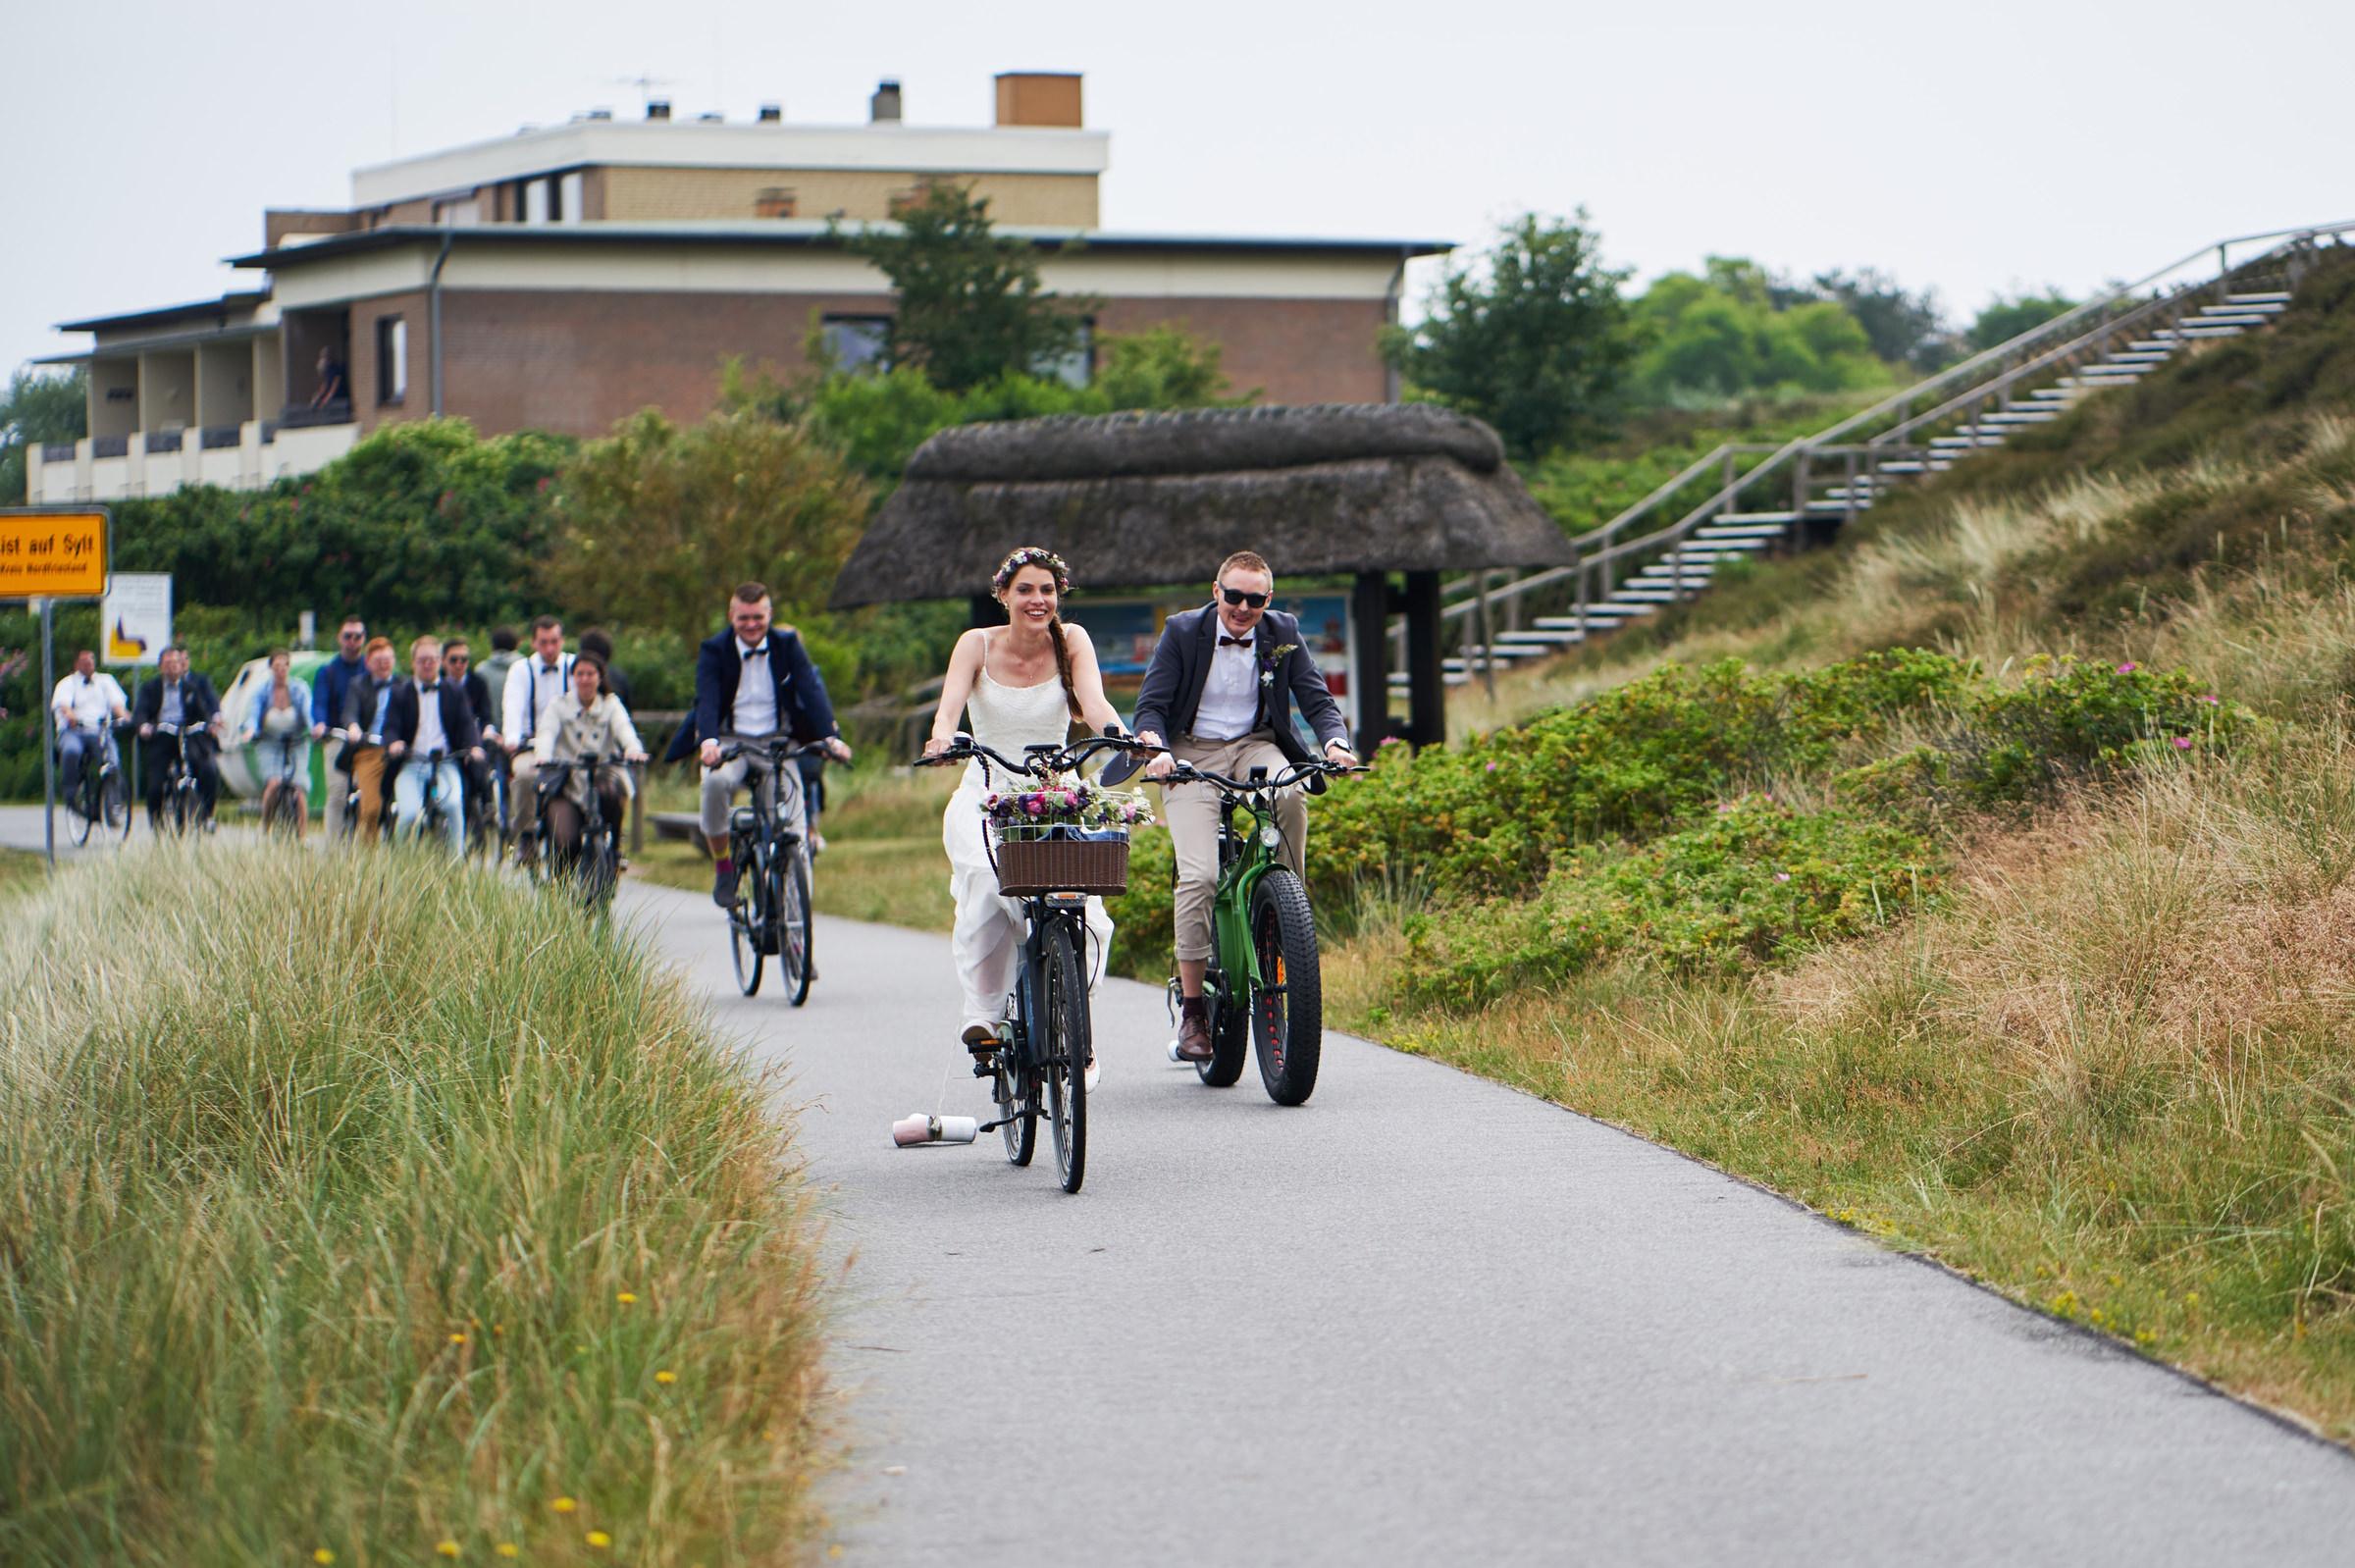 sylt-fahrradhochzeit44